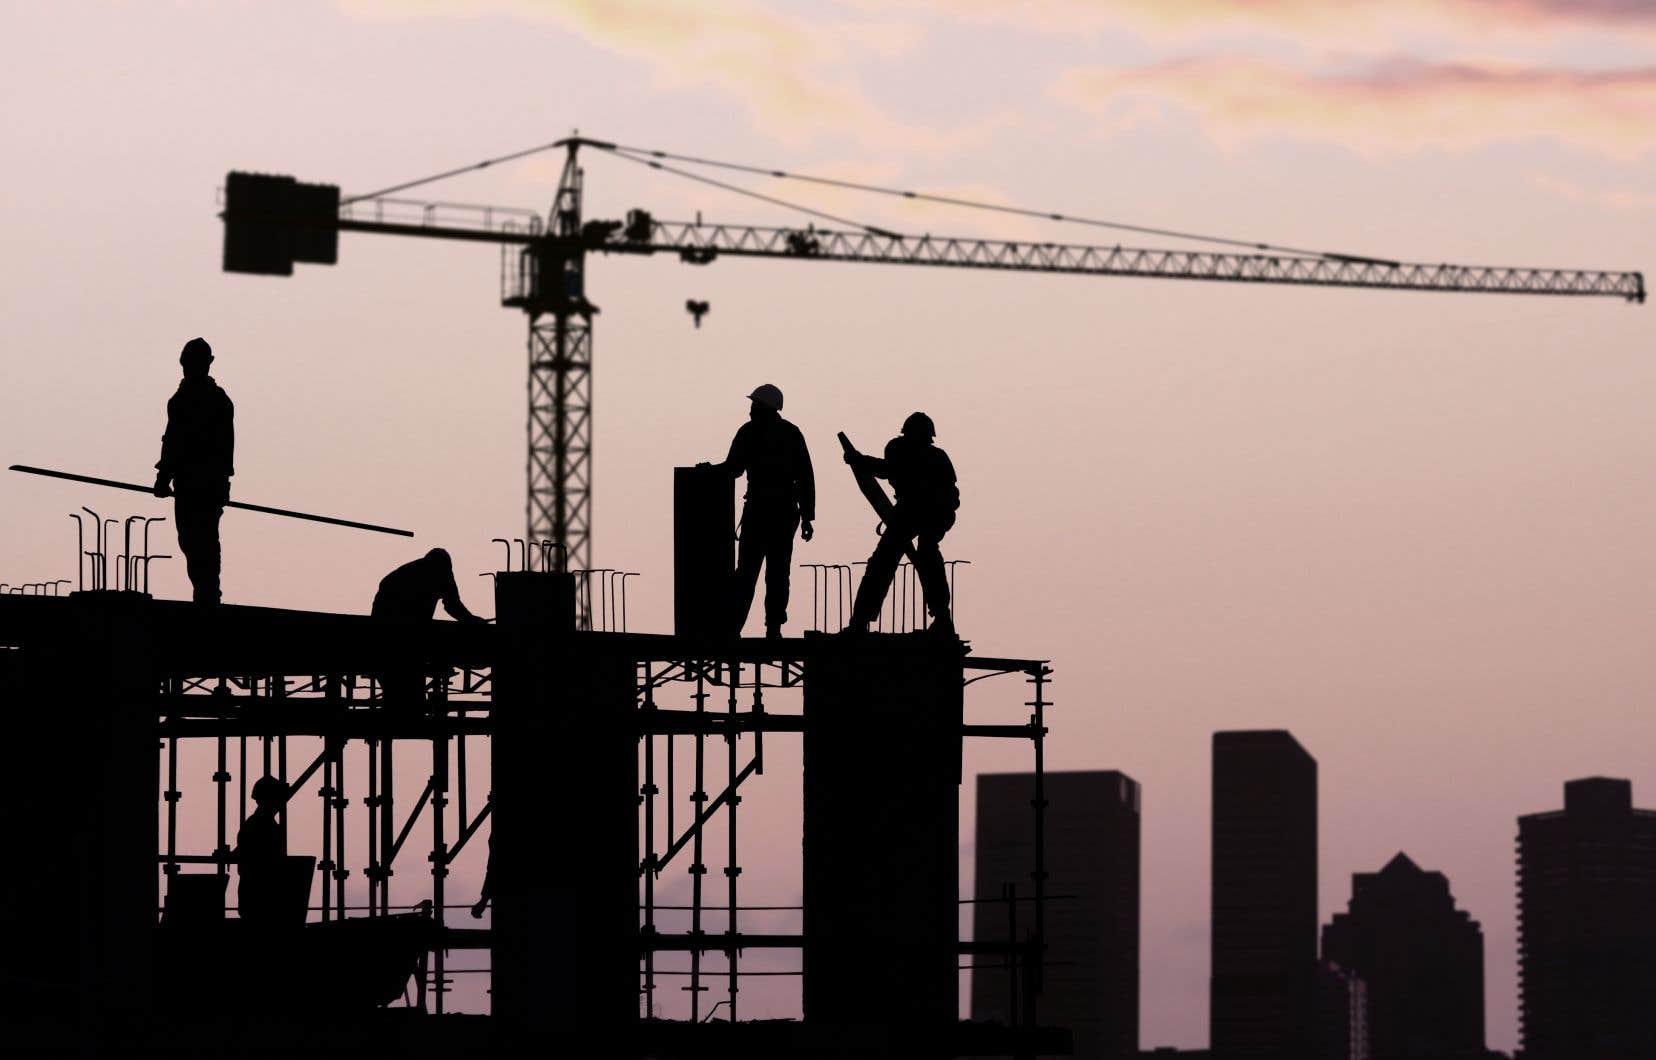 «Il est plus facile de braquer les projecteurs sur les travailleurs en présumant qu'ils sont fondamentalement paresseux et profiteurs et taire ce qui va en sens contraire», écrivent les auteurs.